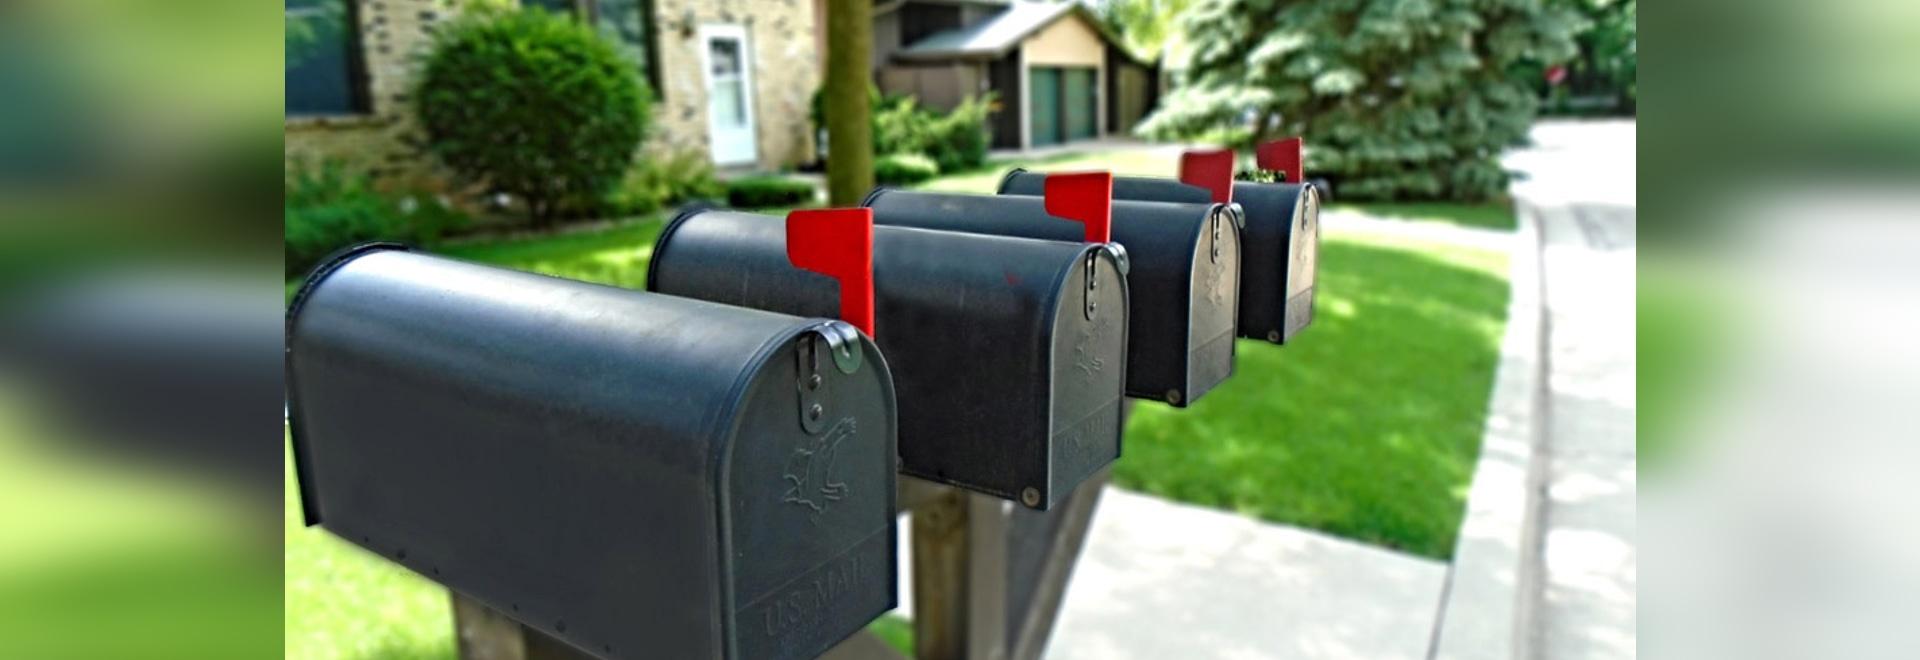 Servicio Postal de EE.UU. probará camiones de autotransporte